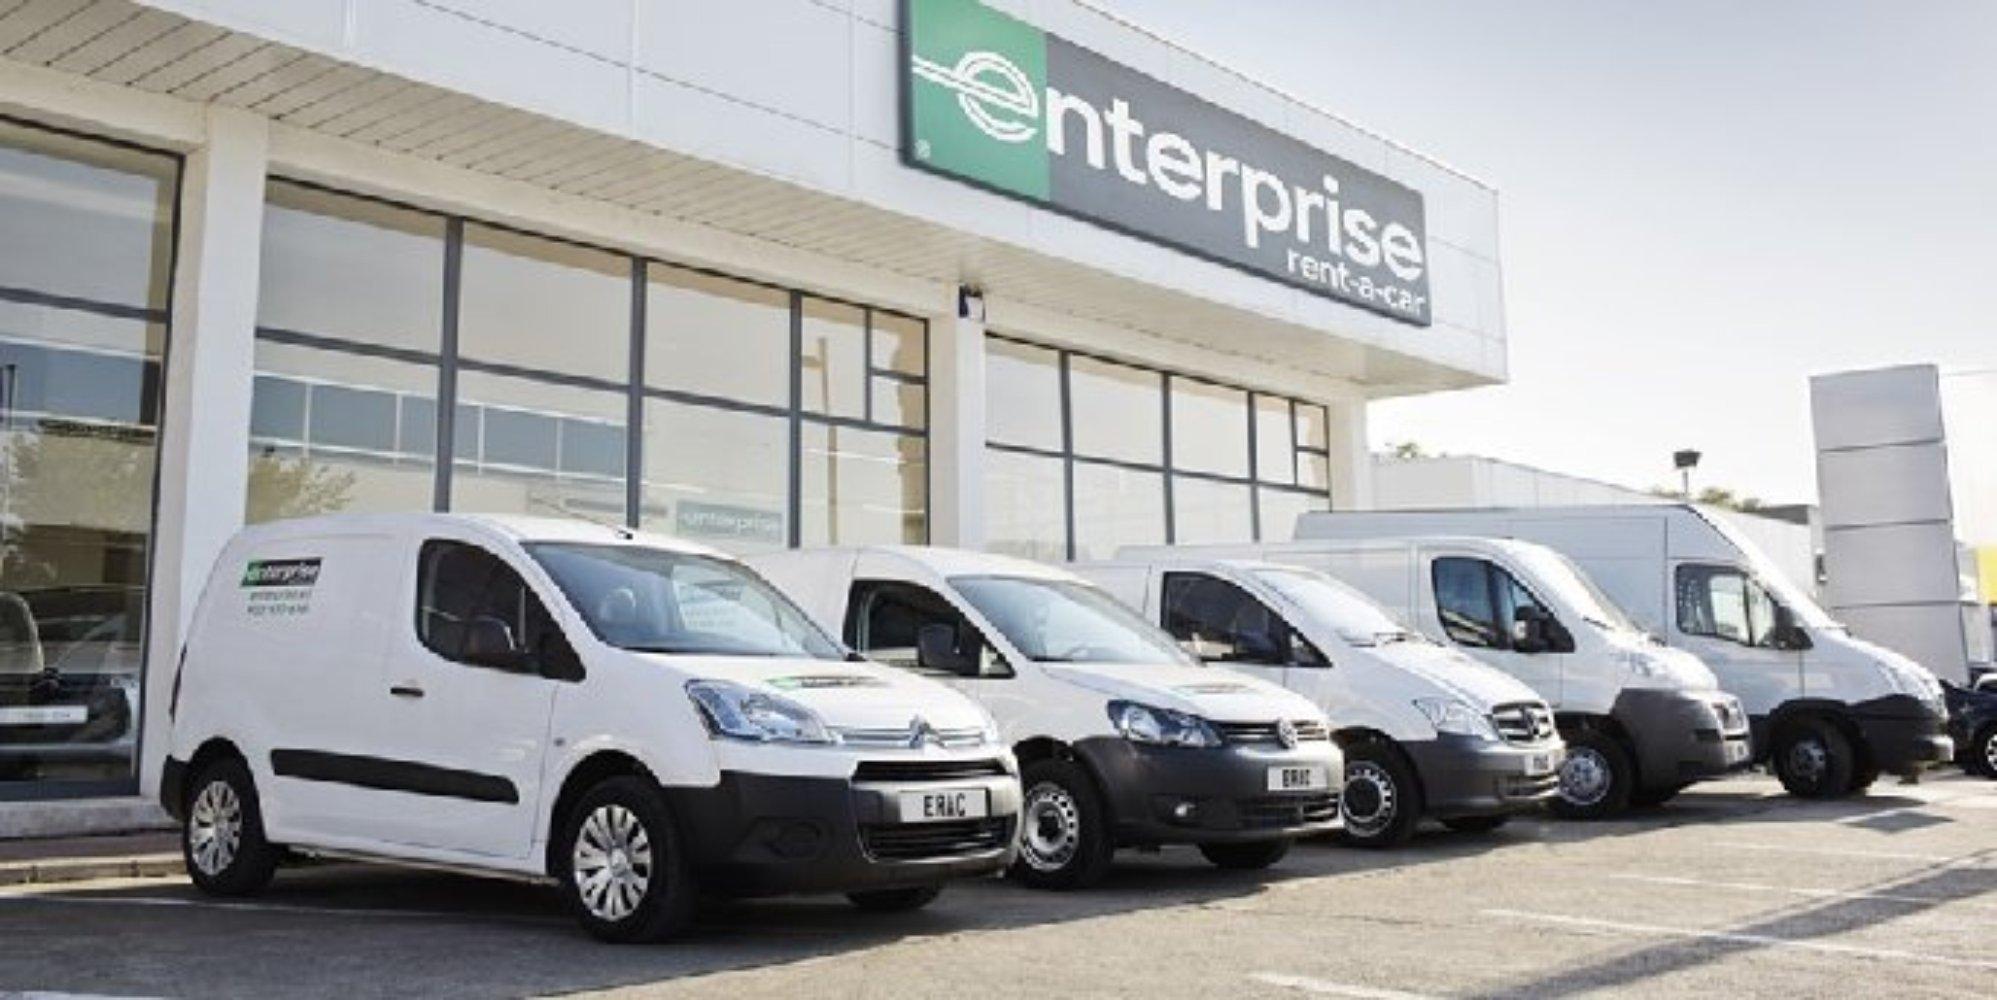 Fleets, Comprehensive fleet management support